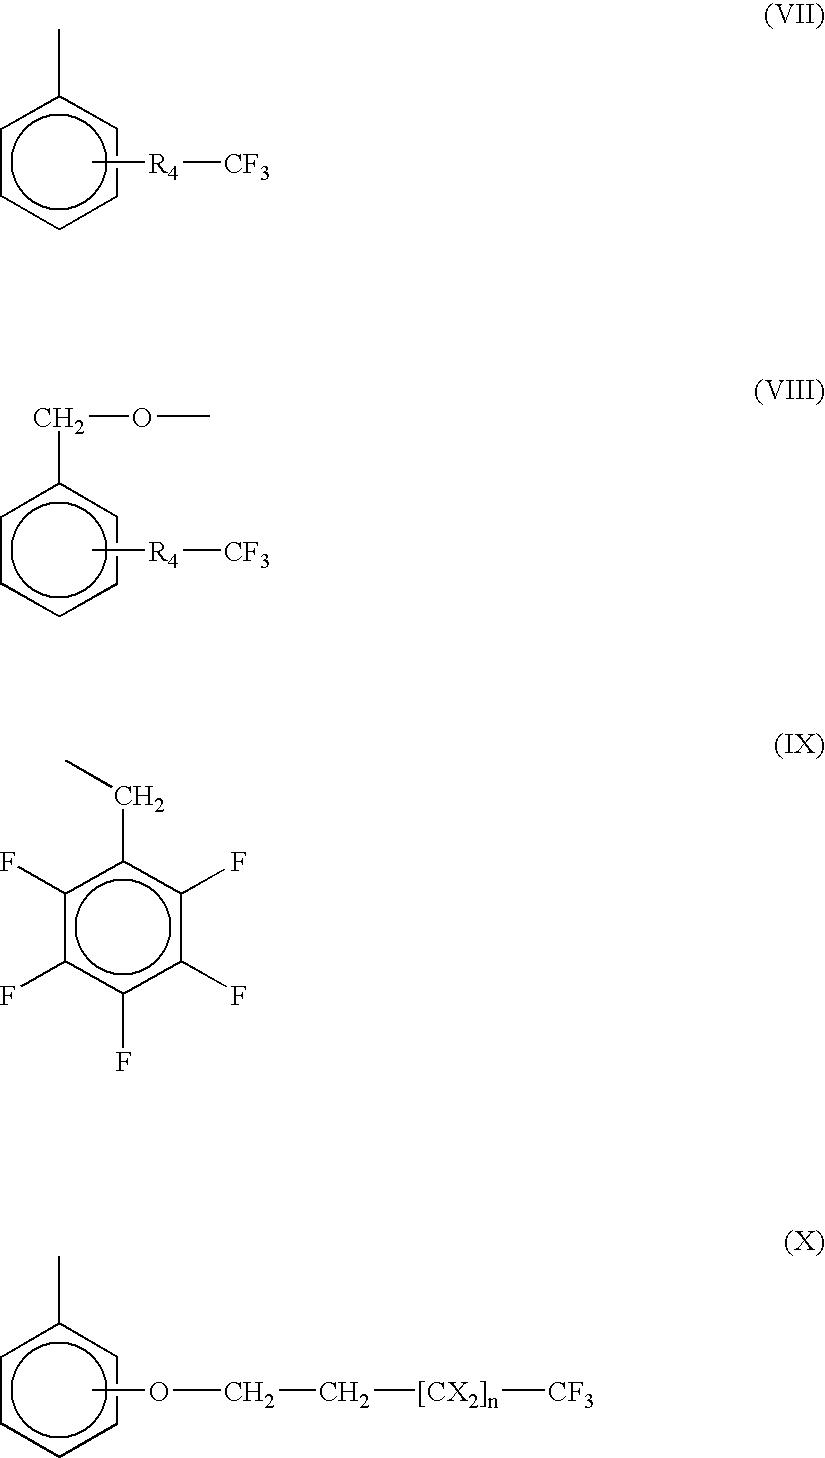 Figure US20050119409A1-20050602-C00004